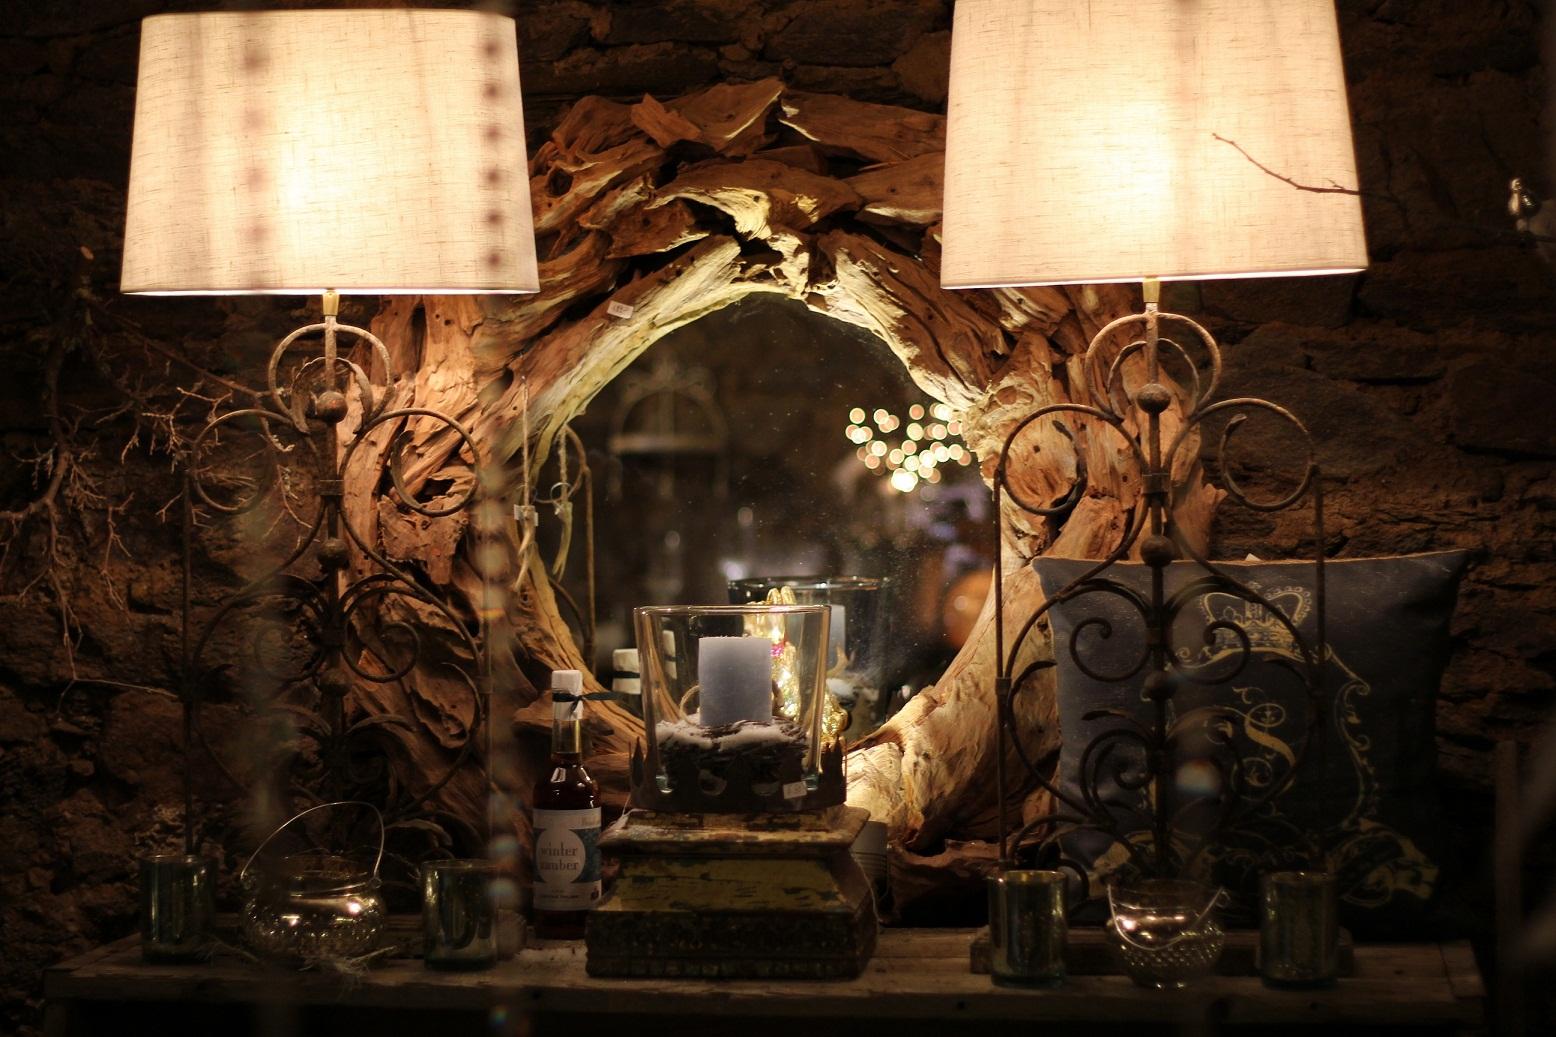 spiegel extreme wood von 39 riverdale 39 treibholz teakholz vintage landhaus 100100701. Black Bedroom Furniture Sets. Home Design Ideas